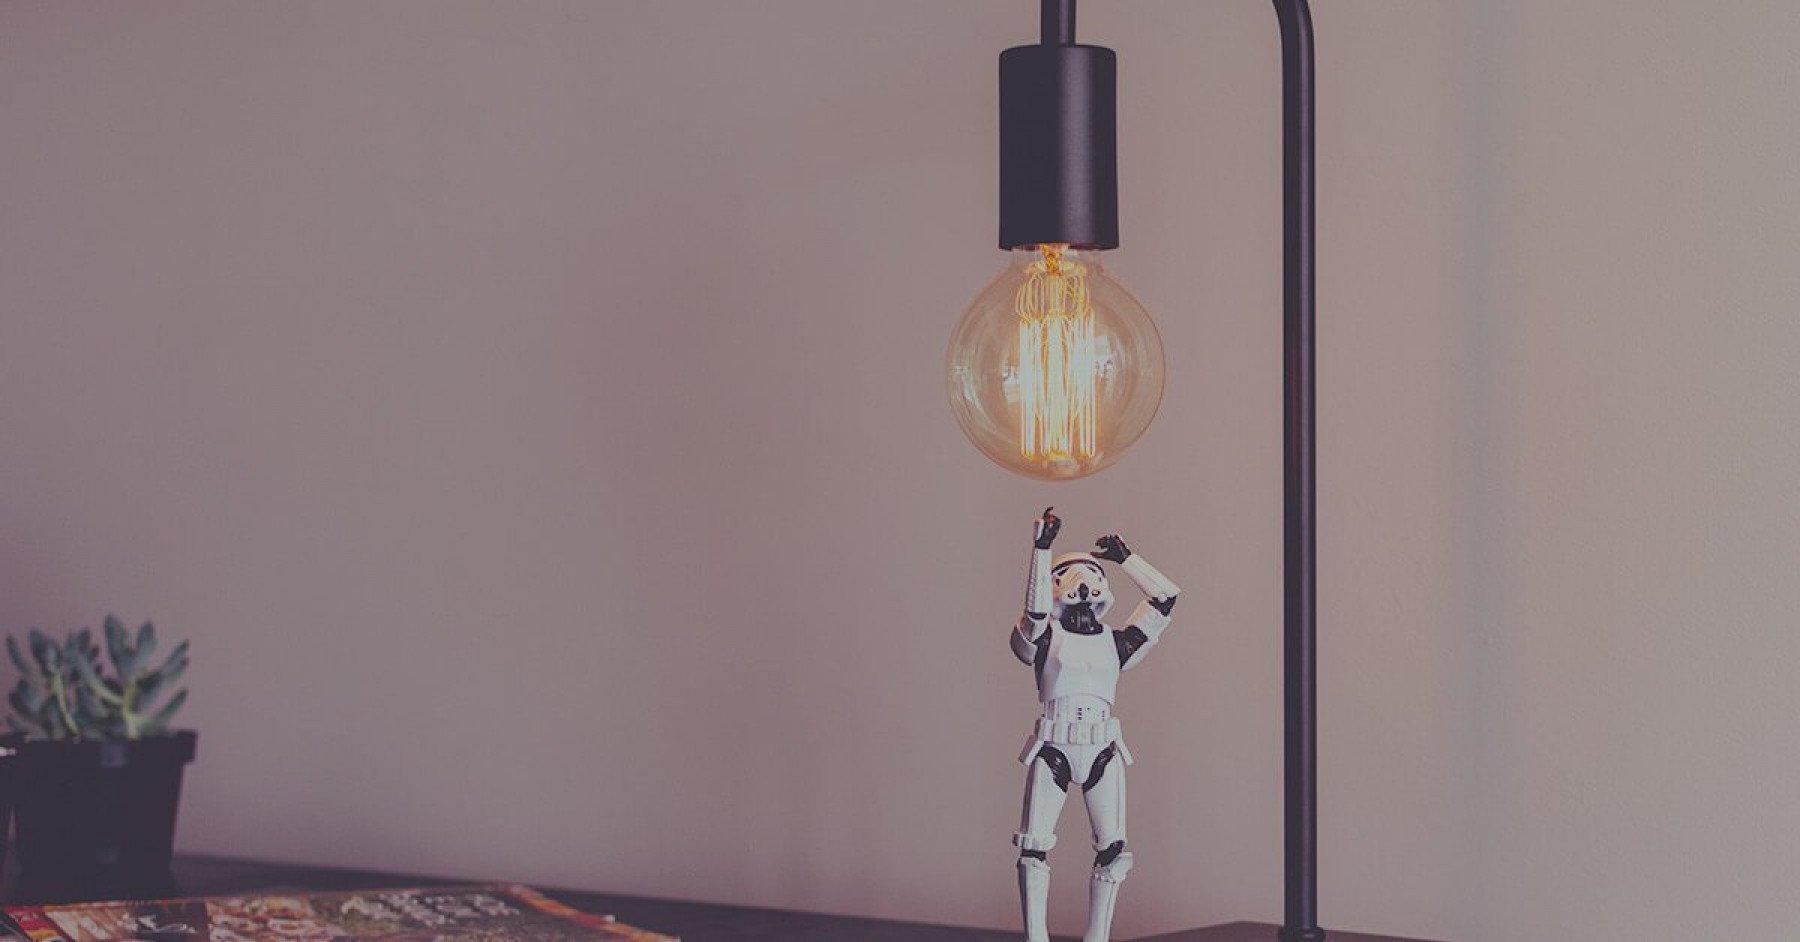 Bord med en bordslampa och en miniatyr av en storm trooper från Star Wars